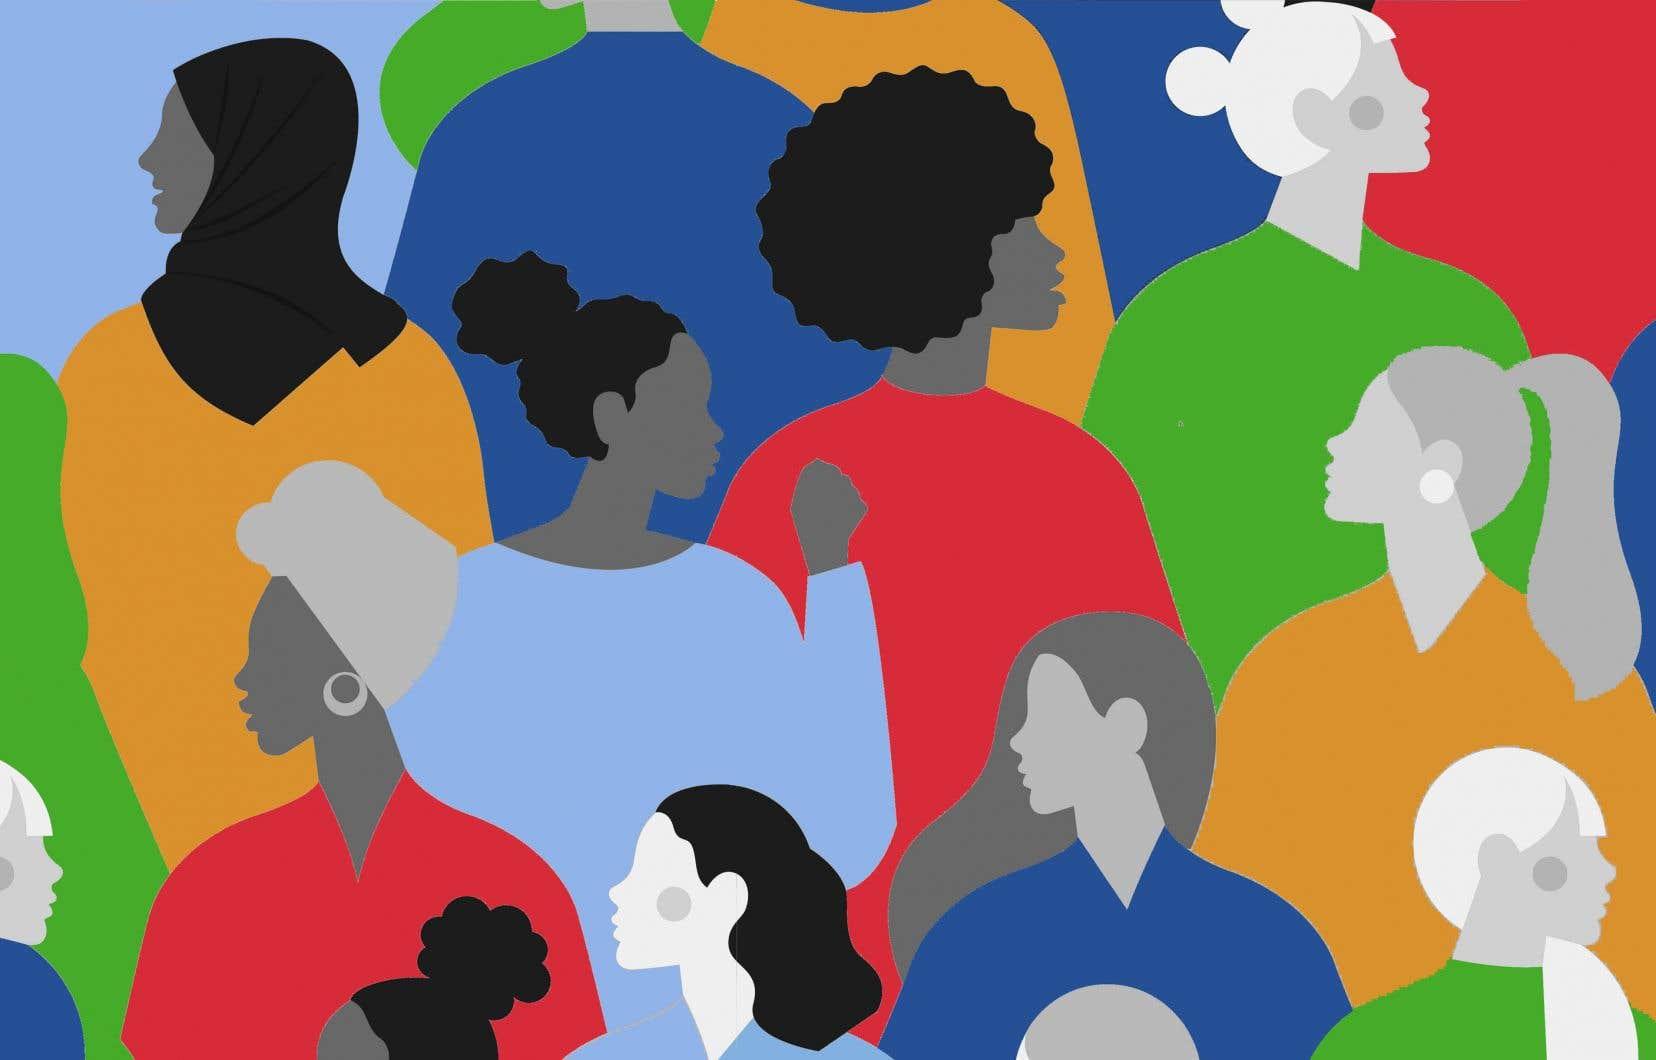 «Alors que l'approche des femmes leaders, notamment en Belgique et en Nouvelle-Zélande, a été encensée lors de la pandémie, il est pertinent de souligner le silence devant la représentation féminine et diversifiée lors de cette élection», écrit l'autrice.